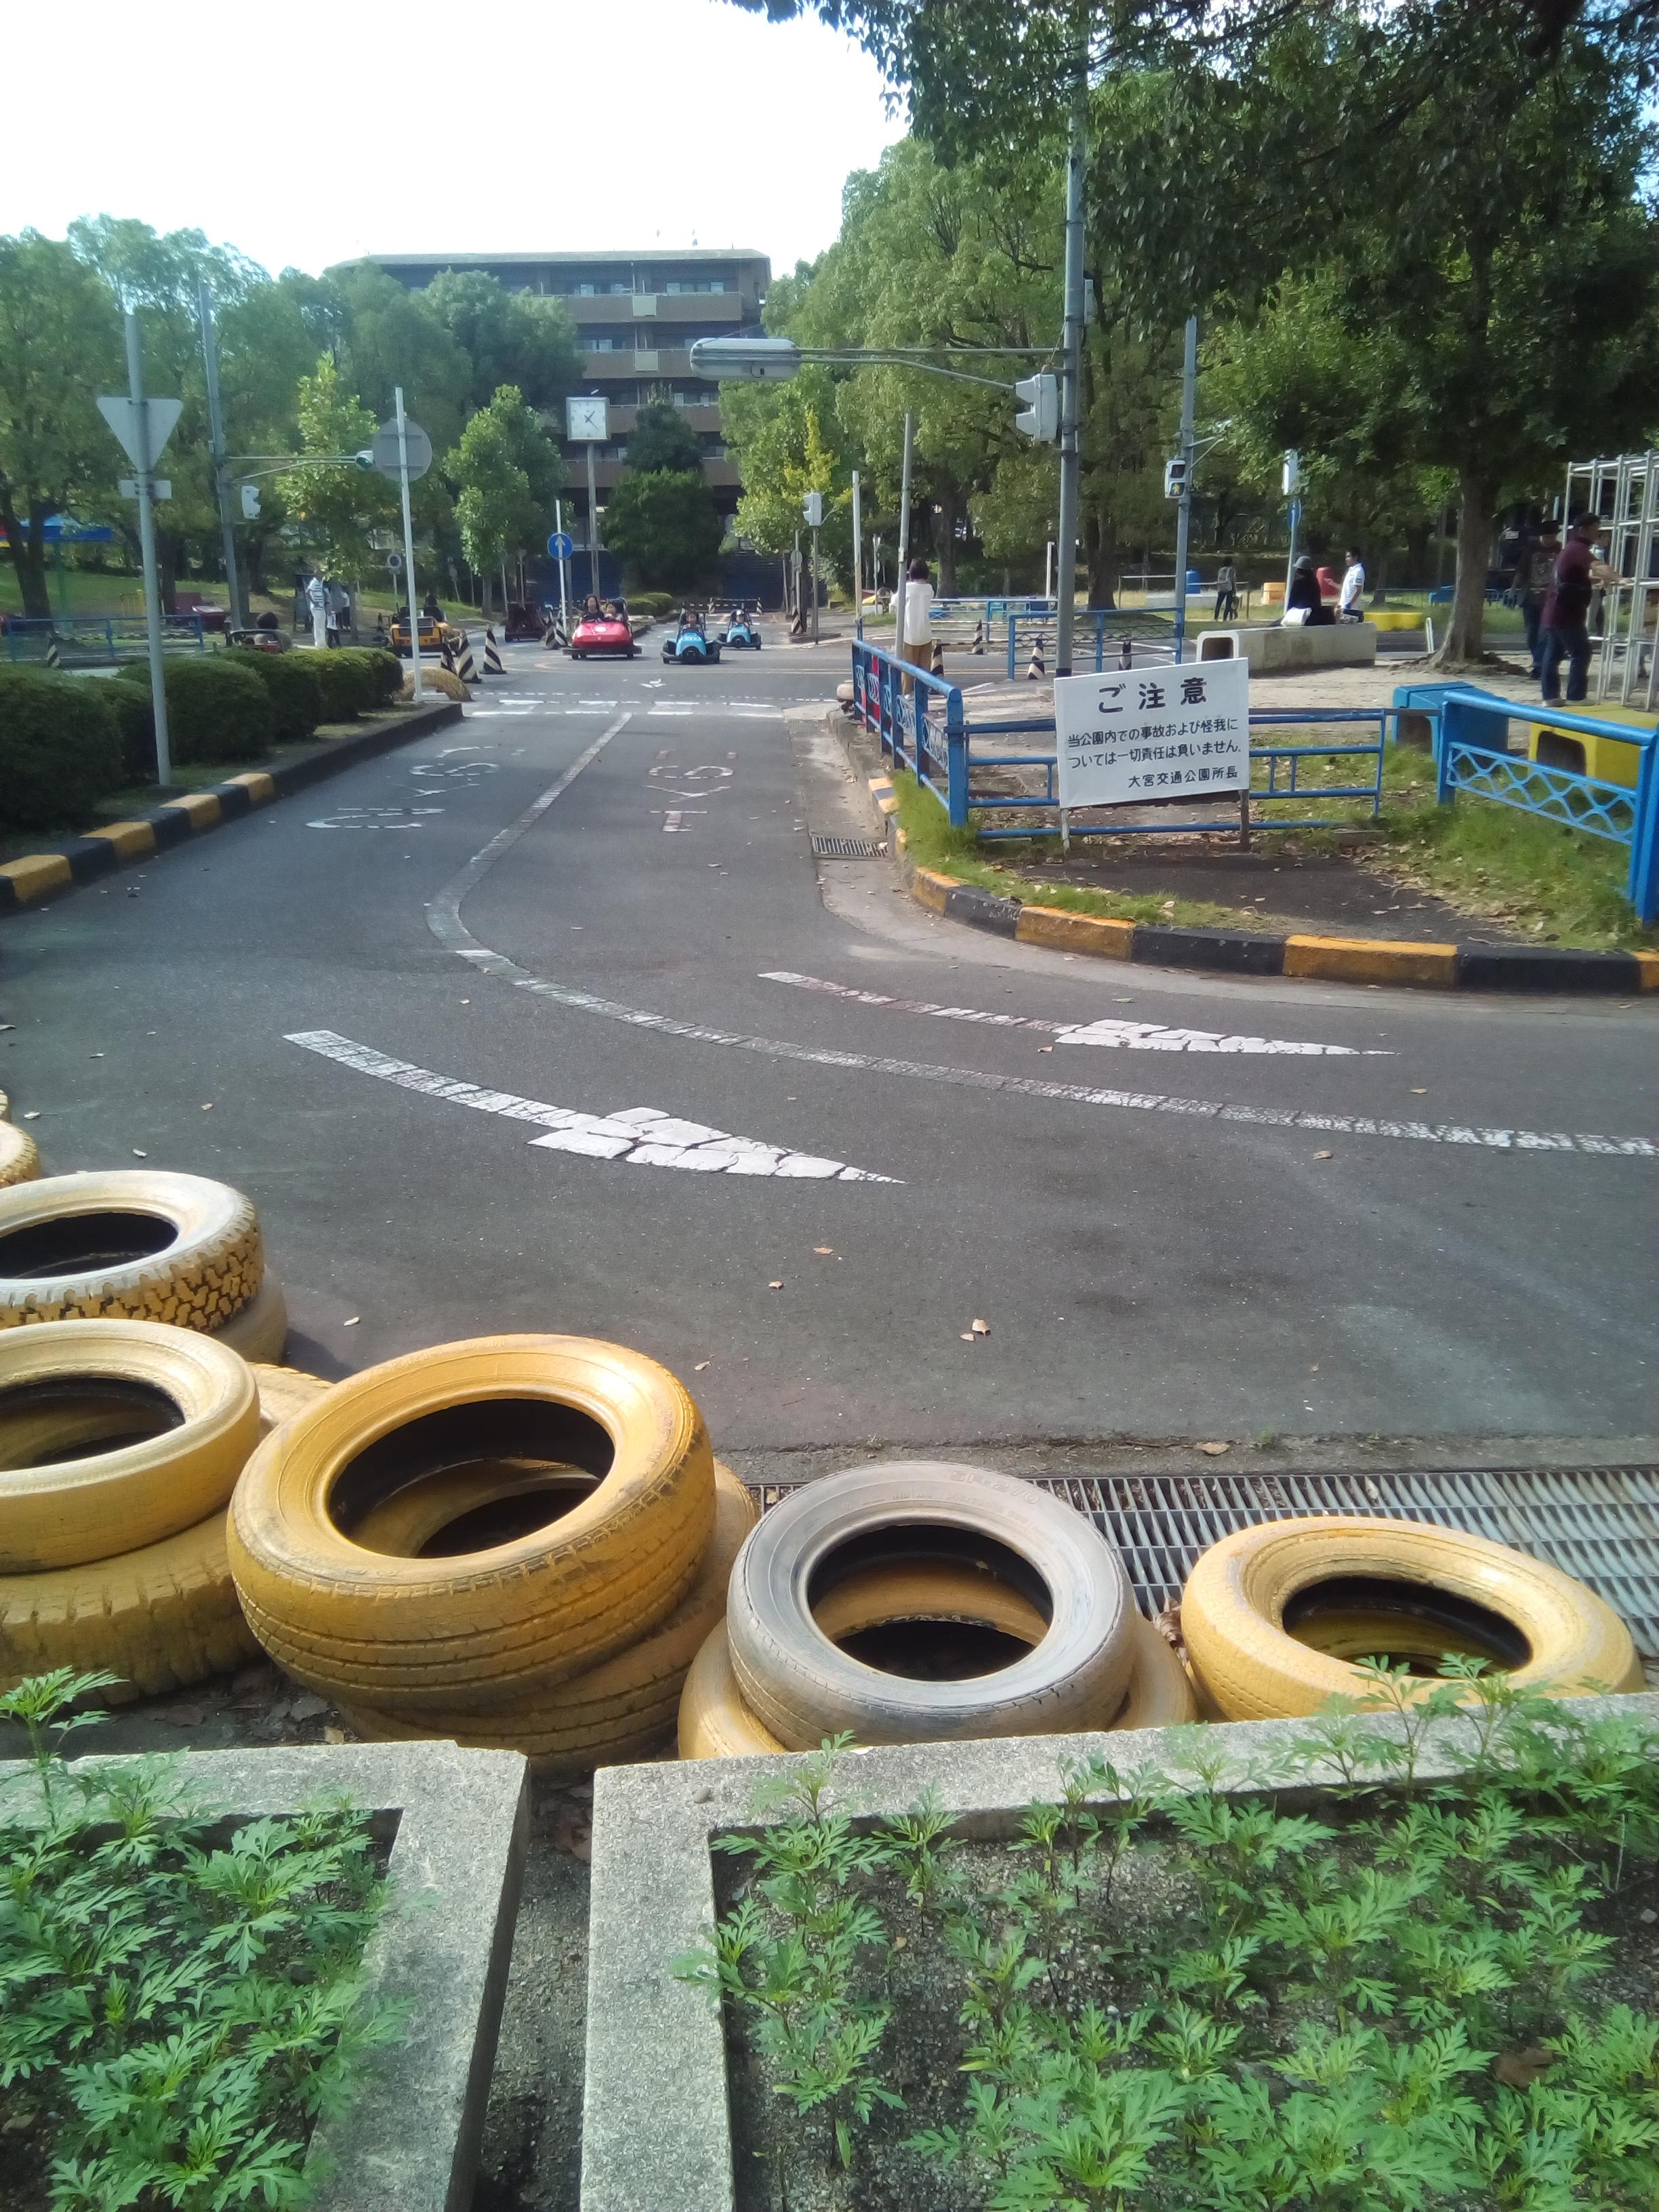 交通ルールを守る。当たり前を学ぶ場を持つ重要性。